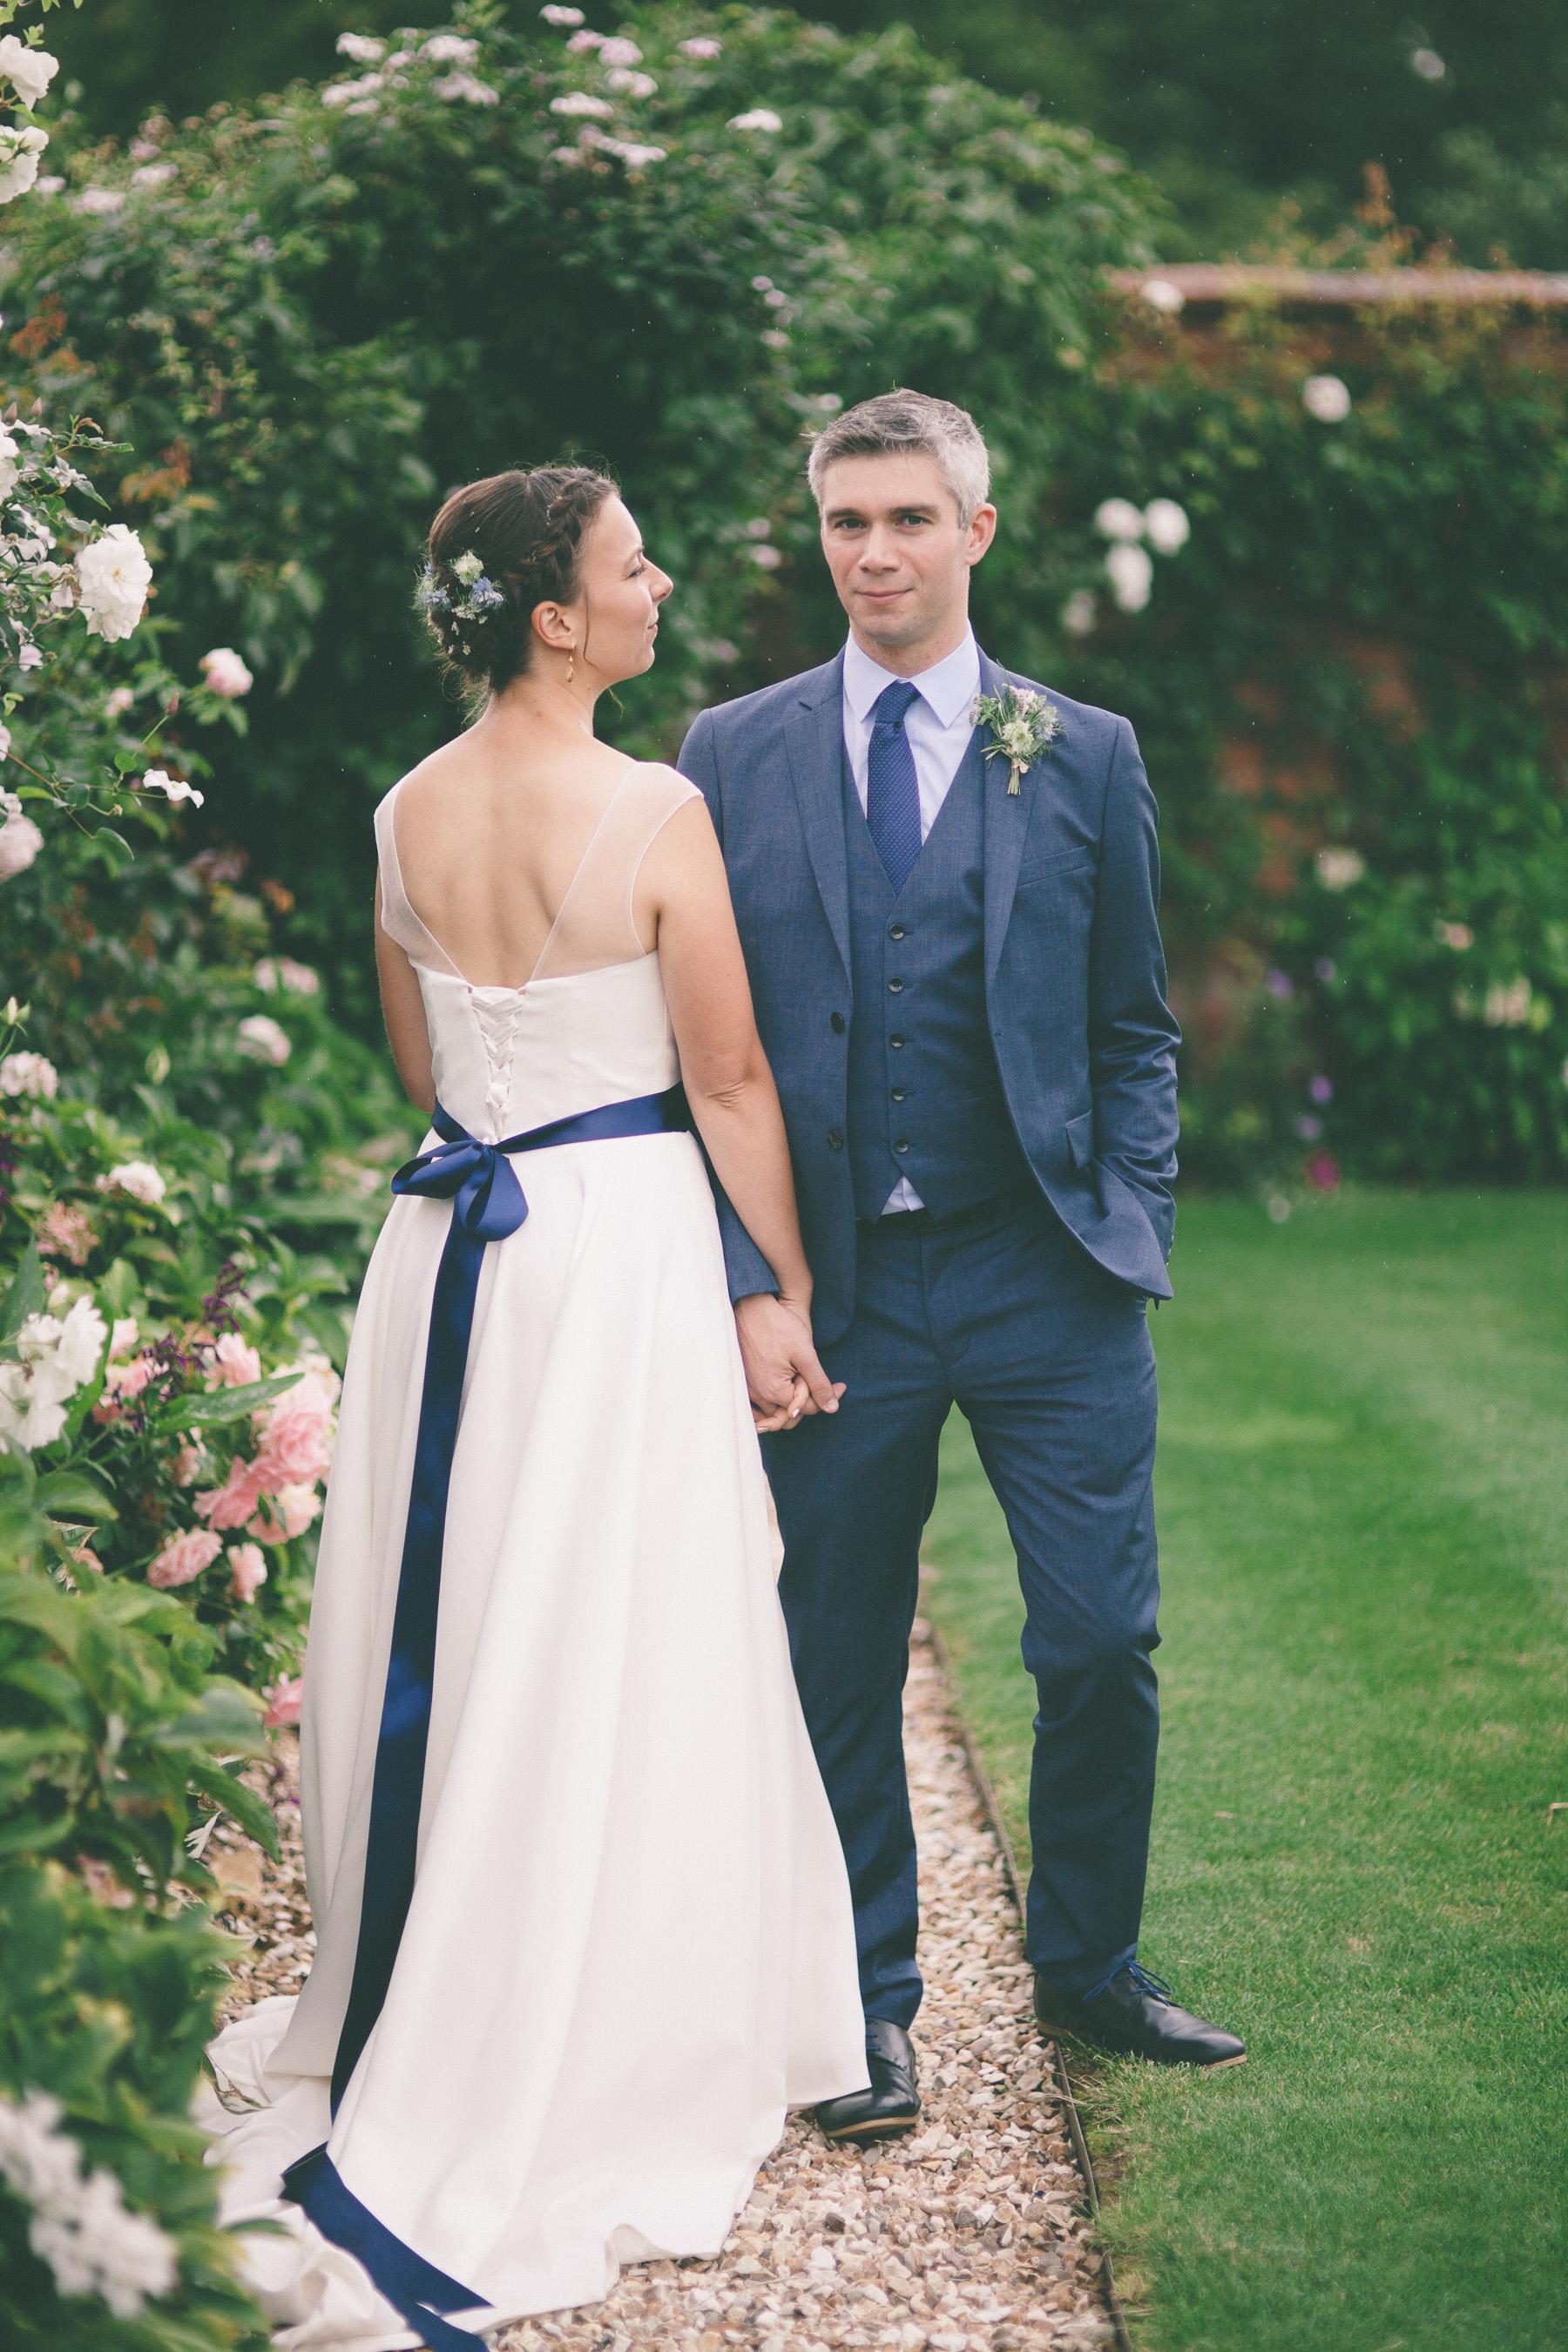 upton-barn-walled-garden-devon-wedding-photography-144